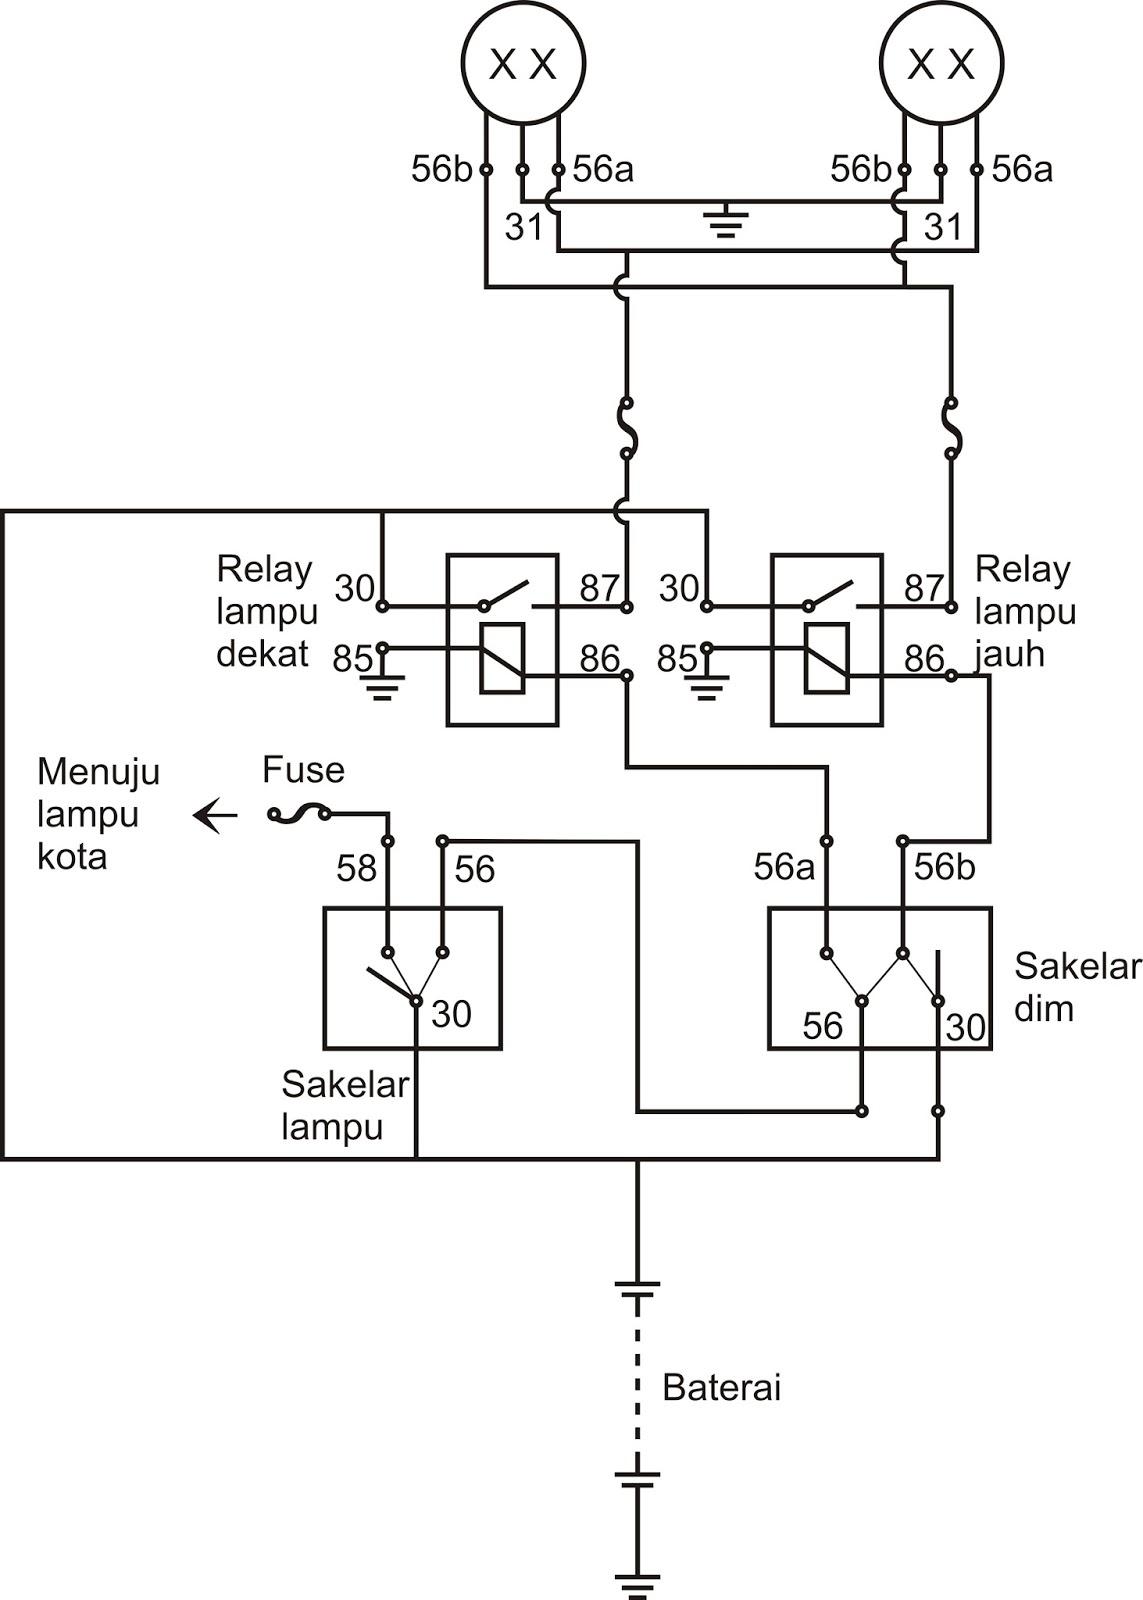 small resolution of download koleksi 93 gambar wering diagram sistem penerangan sepeda motor honda terlengkap